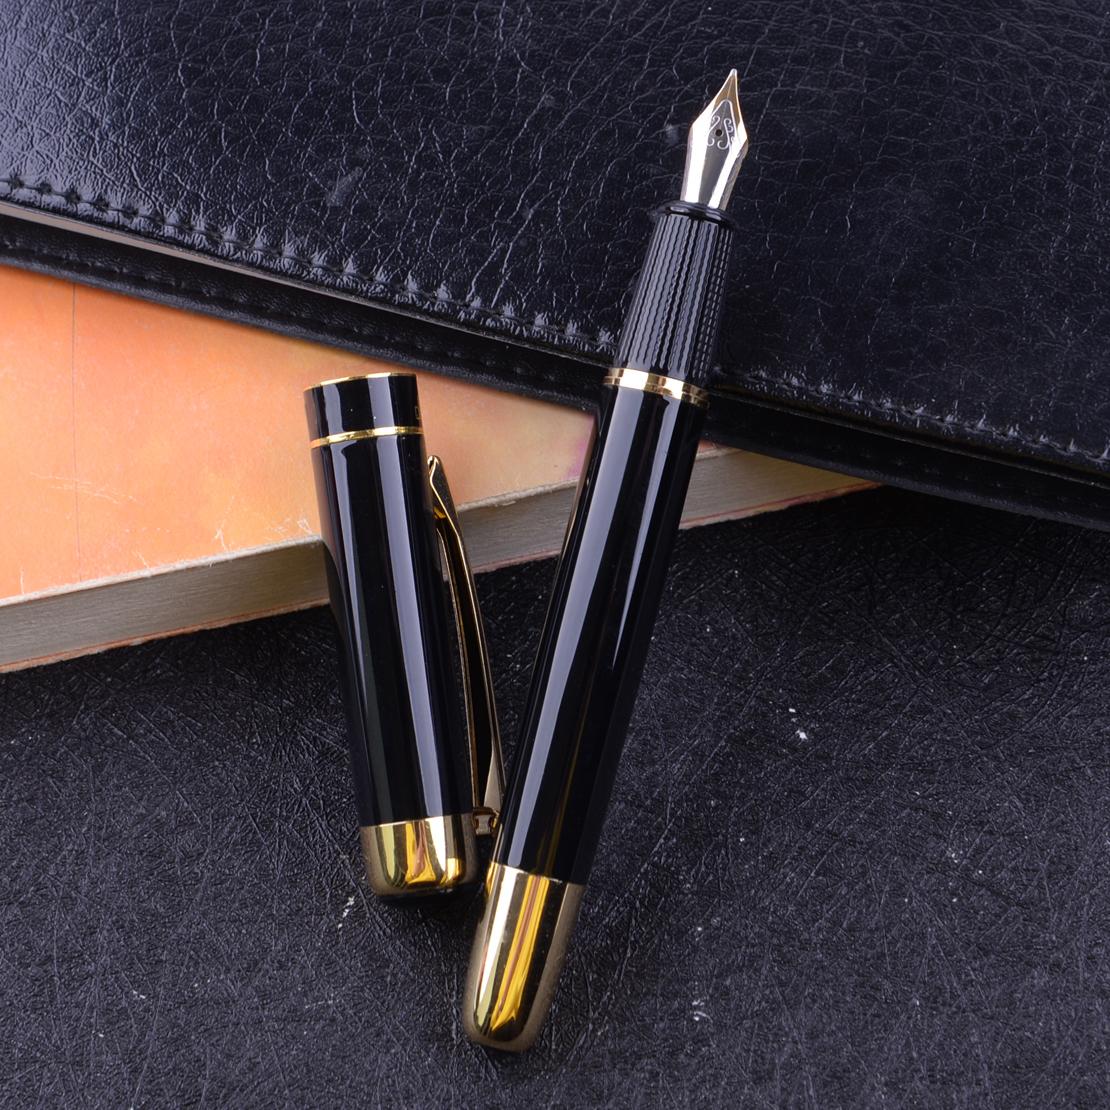 Neu 9018 Luxus Füllfederhalter Füllhalter Iridium Gold /&Schwarz Füllfederhalter